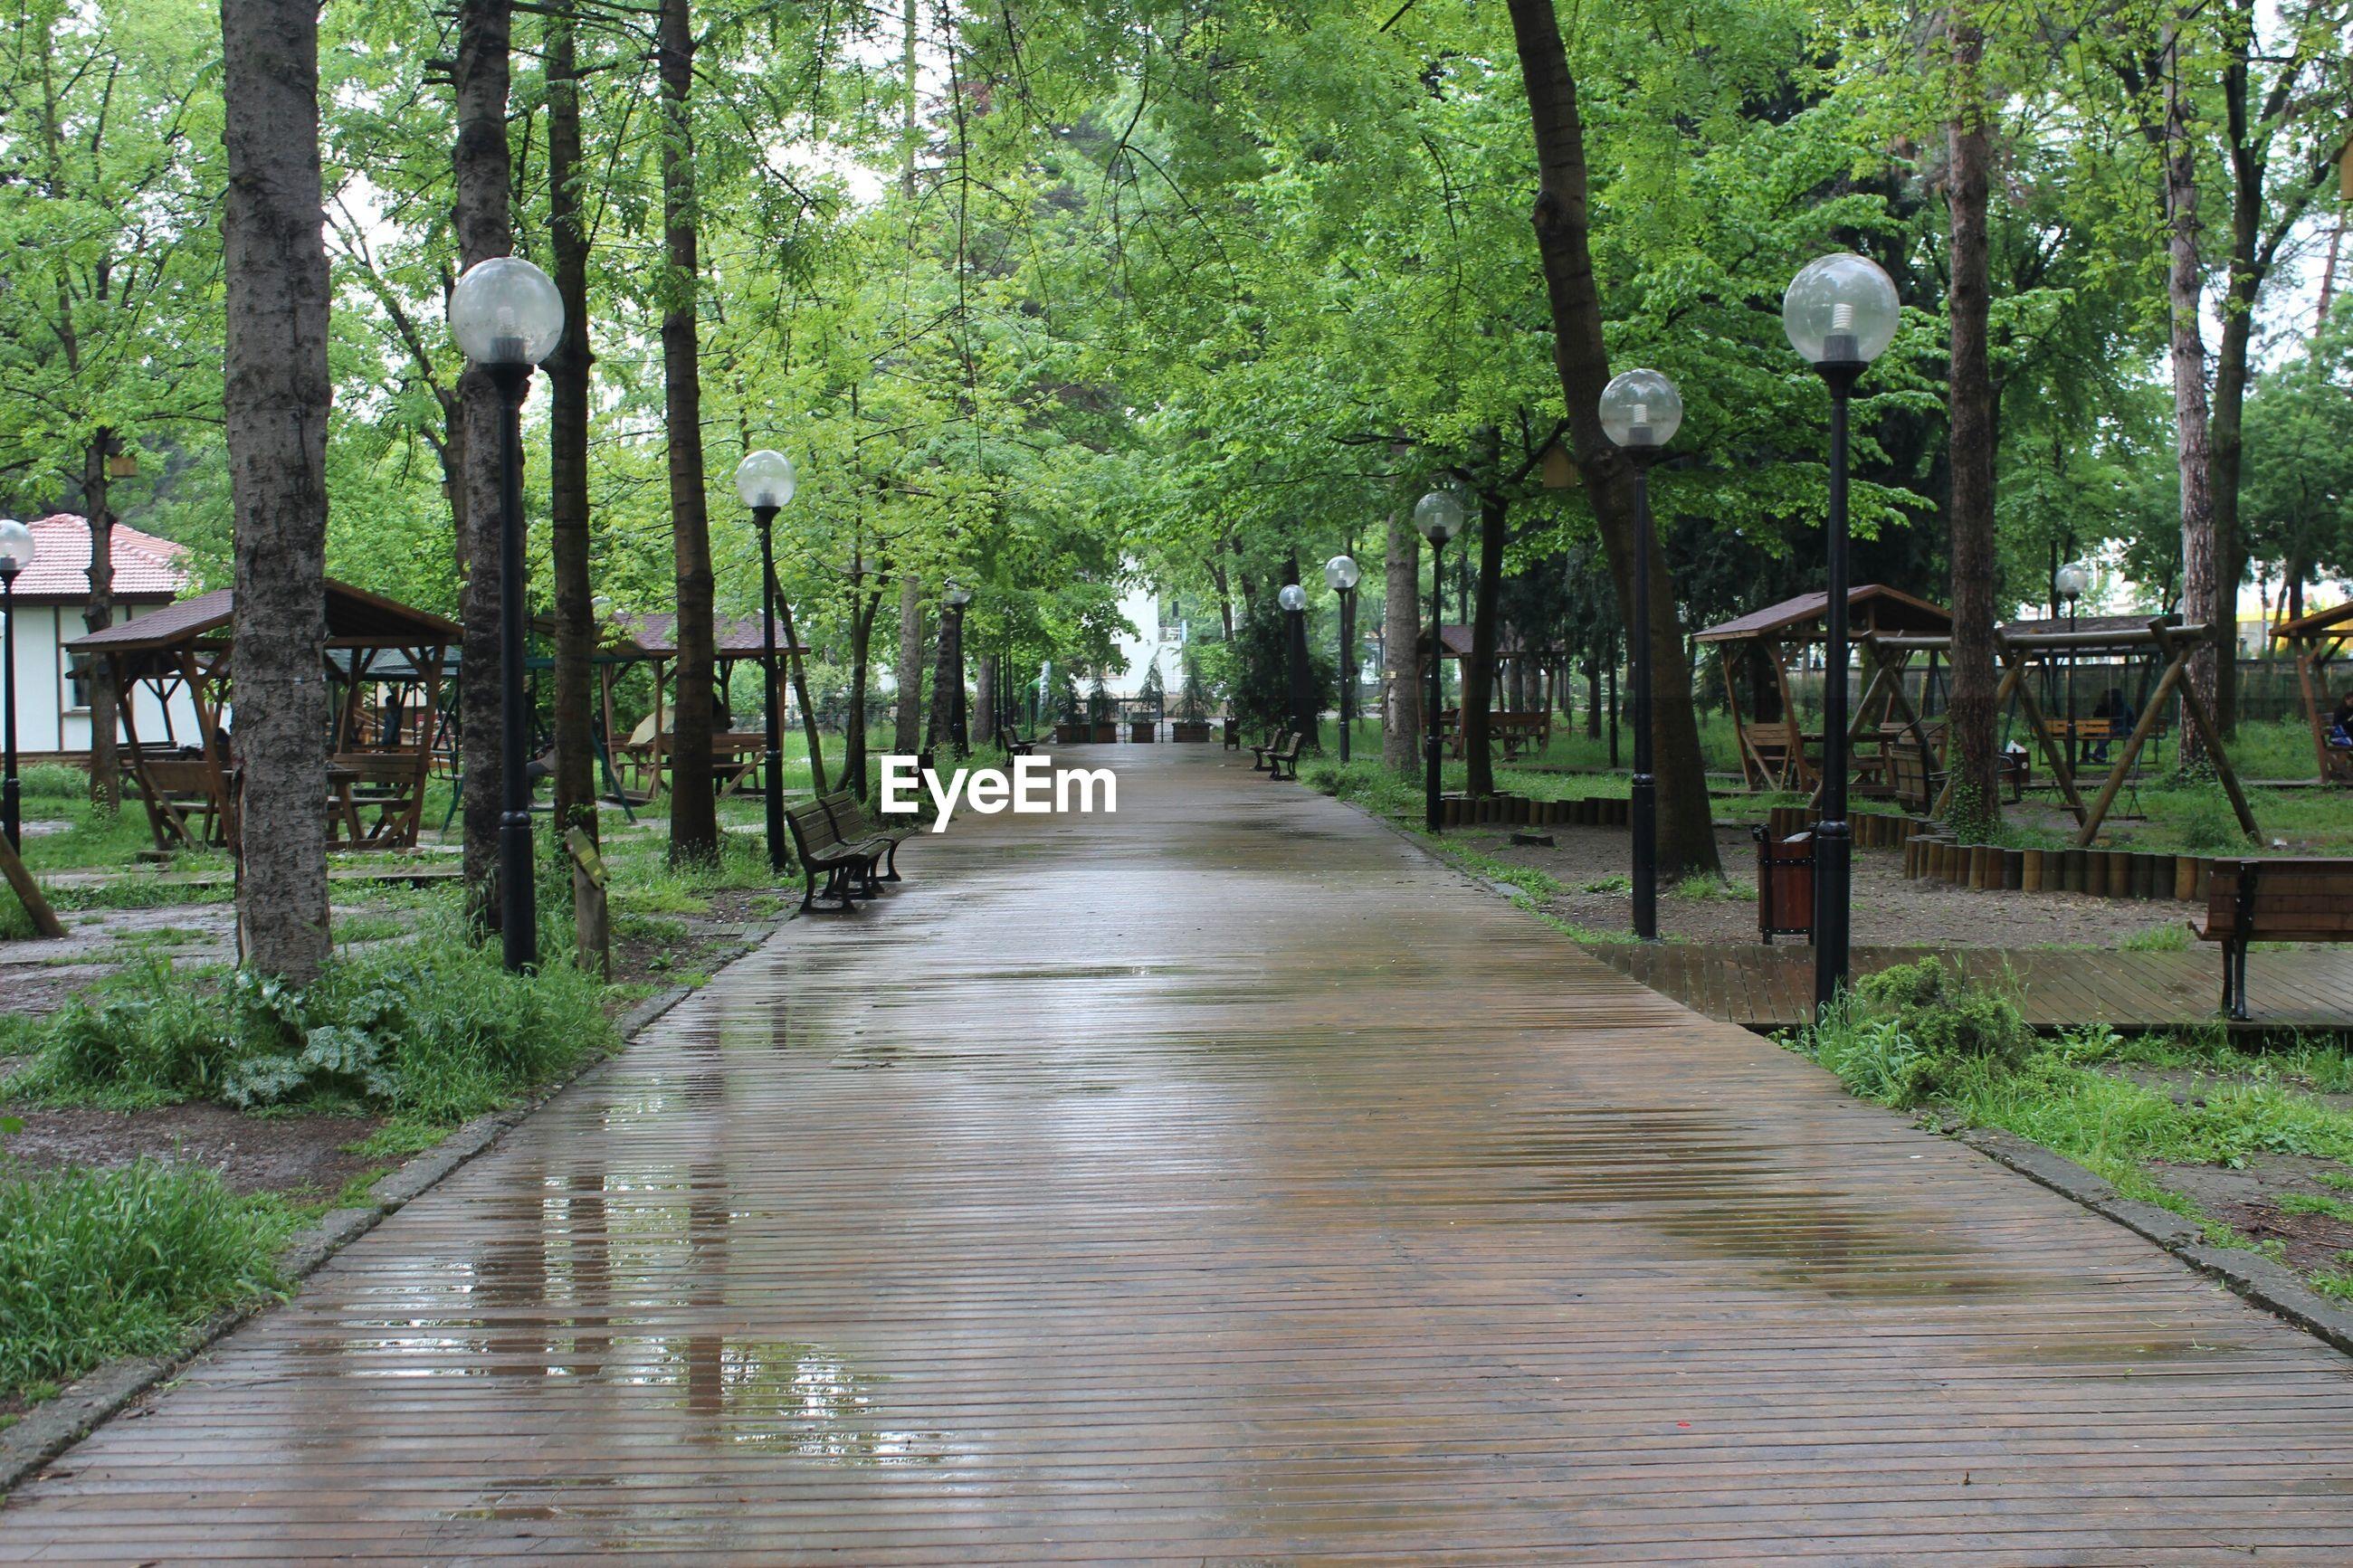 Narrow walkway along plants in park